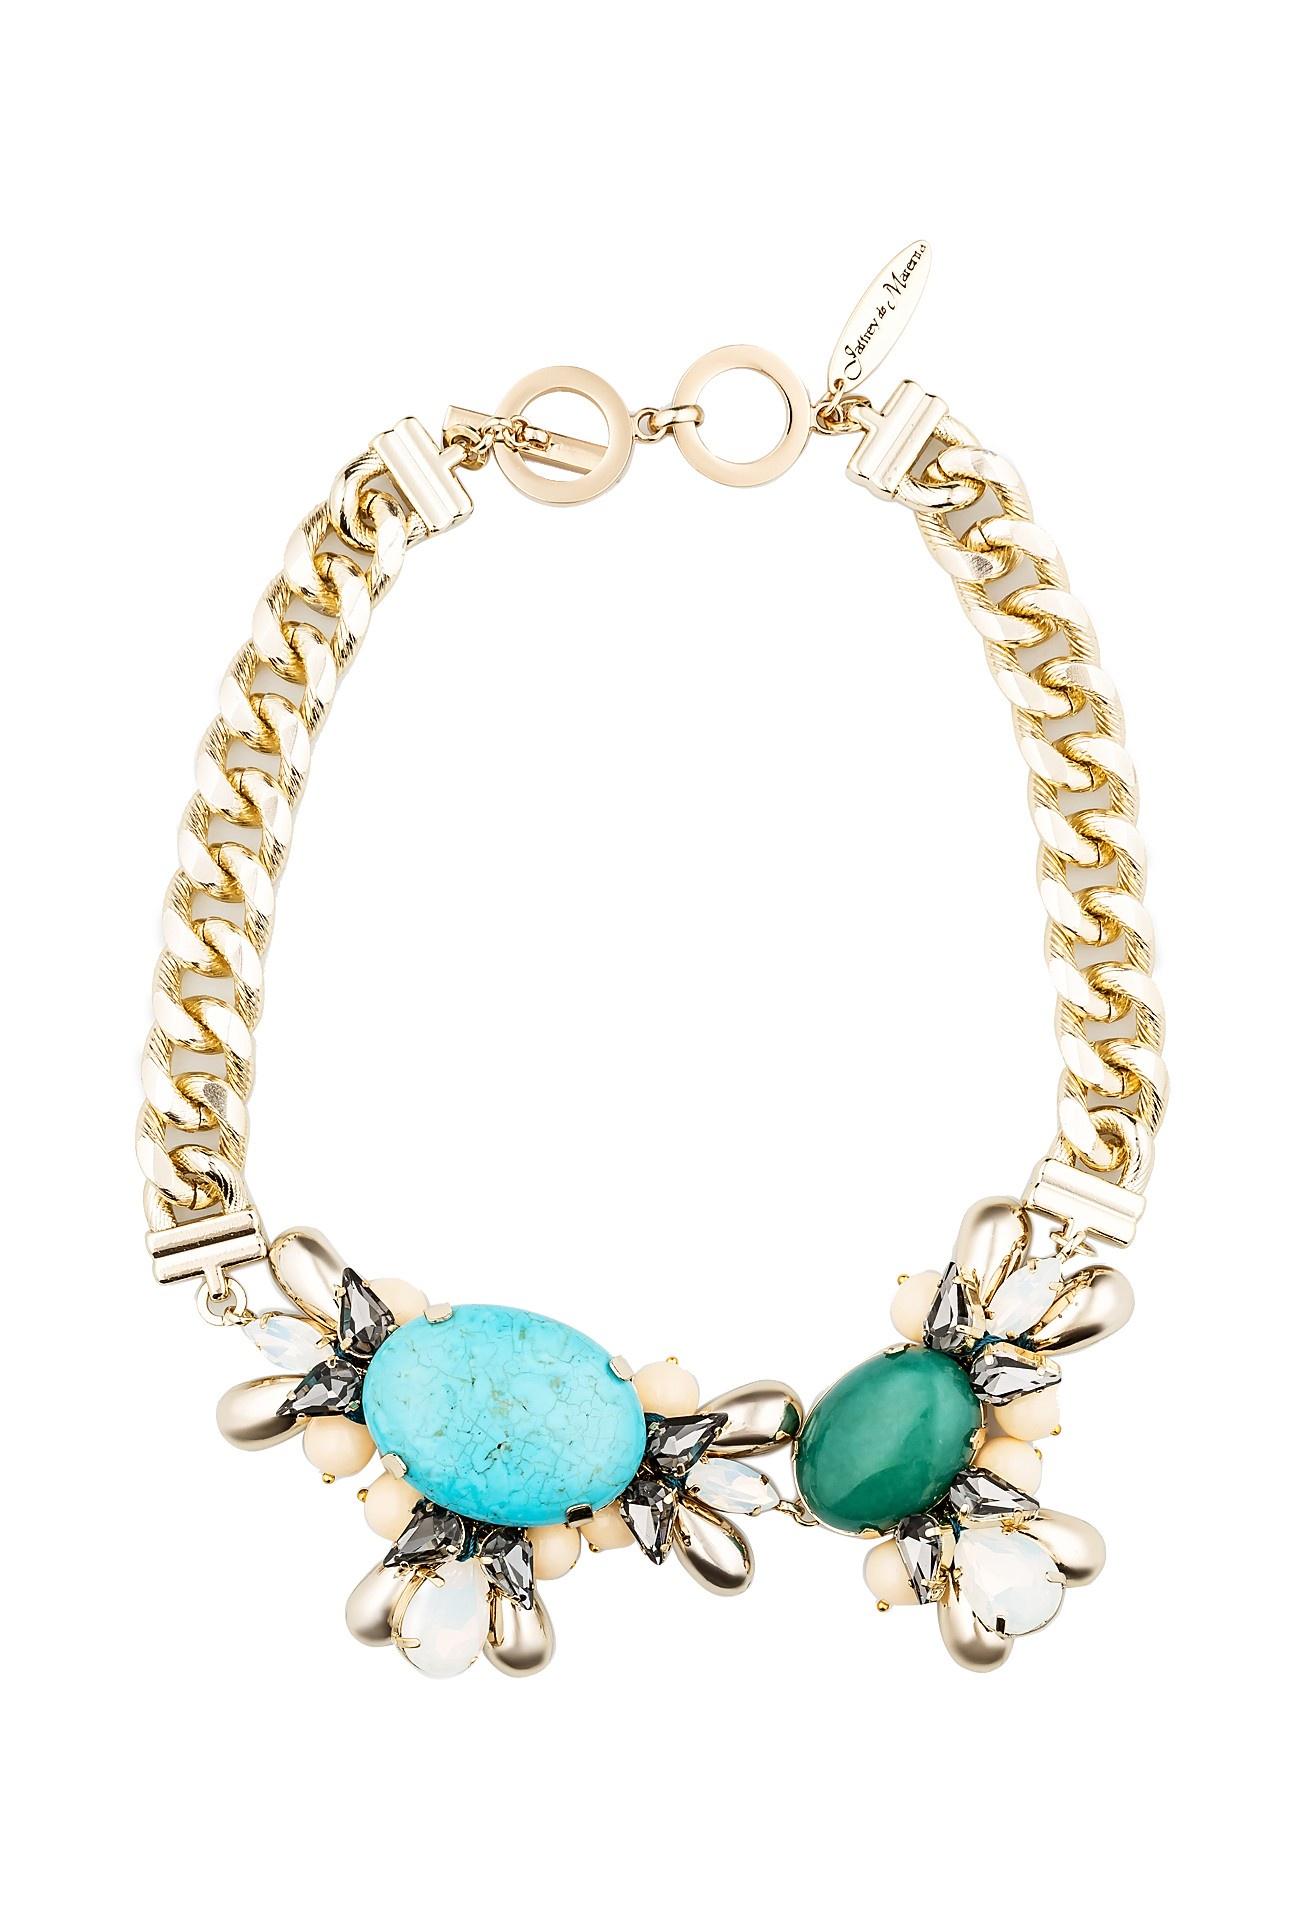 Колье/ожерелье бижутерное Kameo-bis украшения бирюза